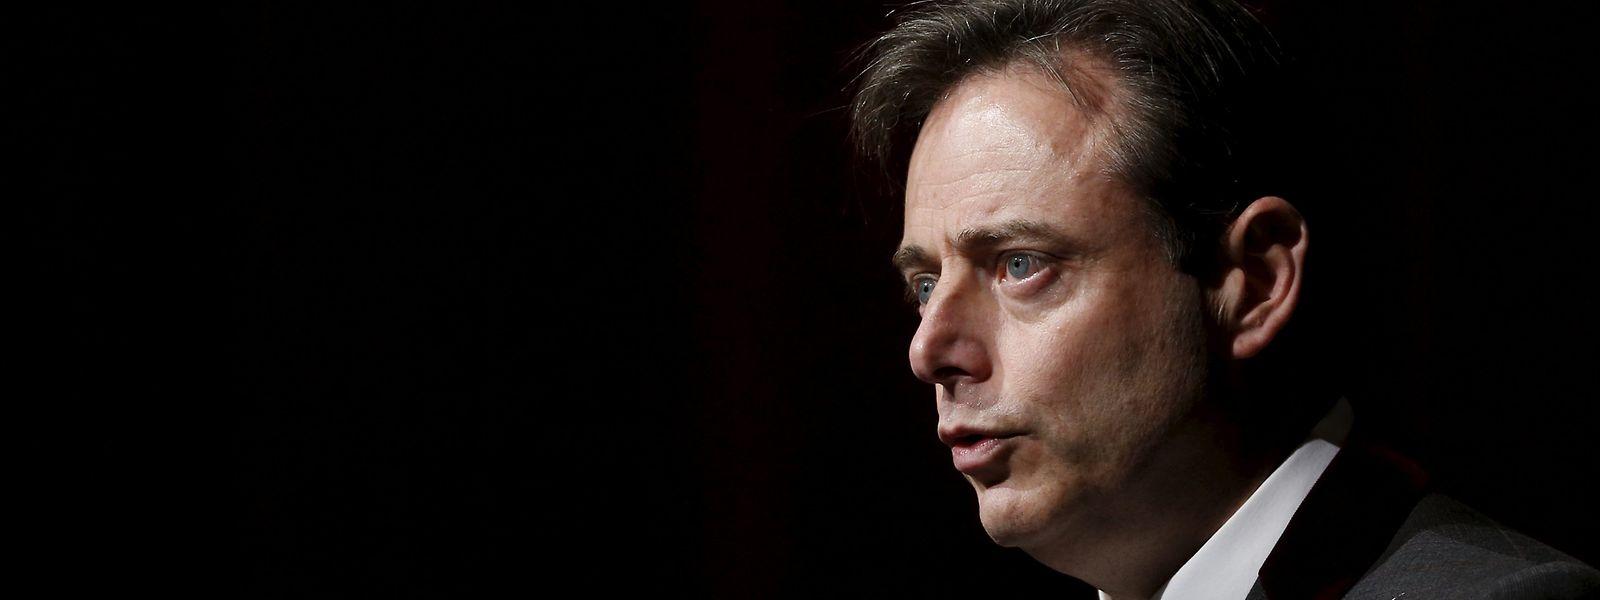 Bart de Wever joue avec les peurs du virus et une réalité : le virus flambe partout dans le royaume belge.